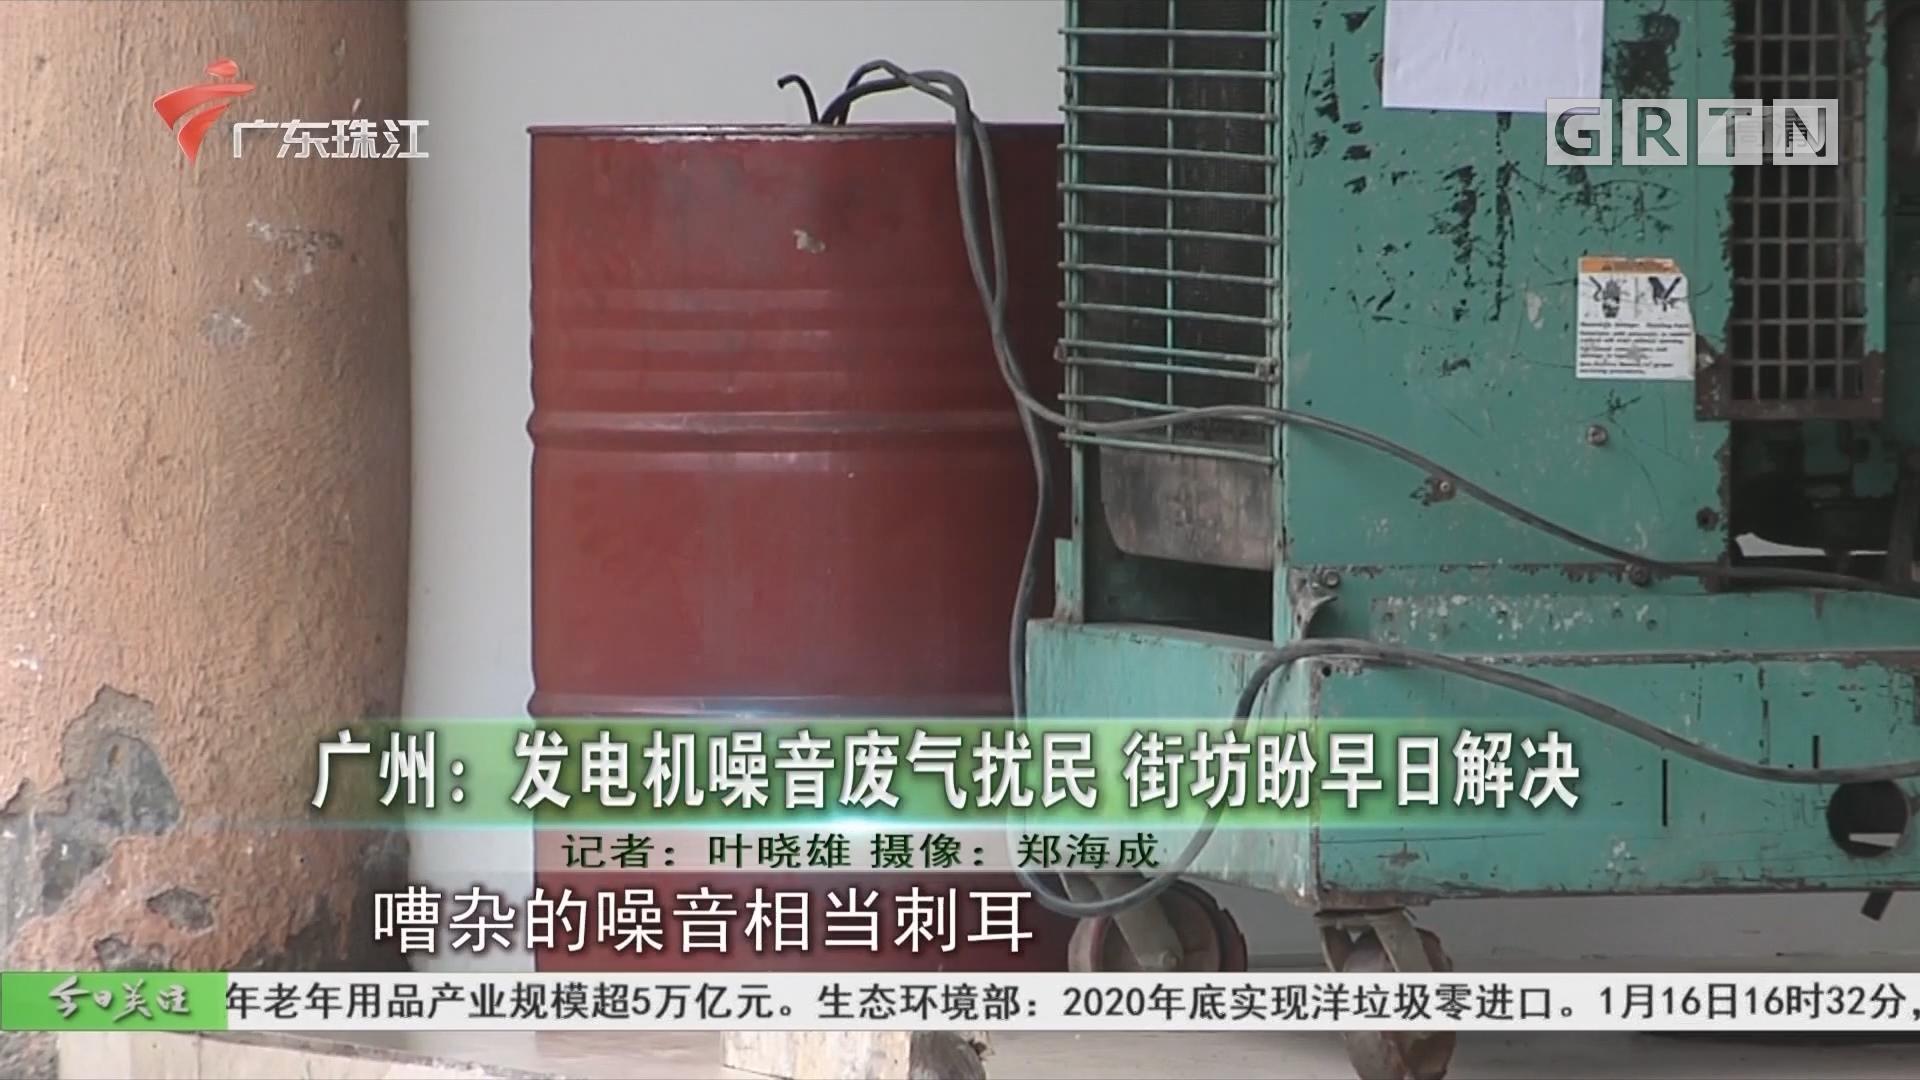 广州:发电机噪音废气扰民 街坊盼早日解决